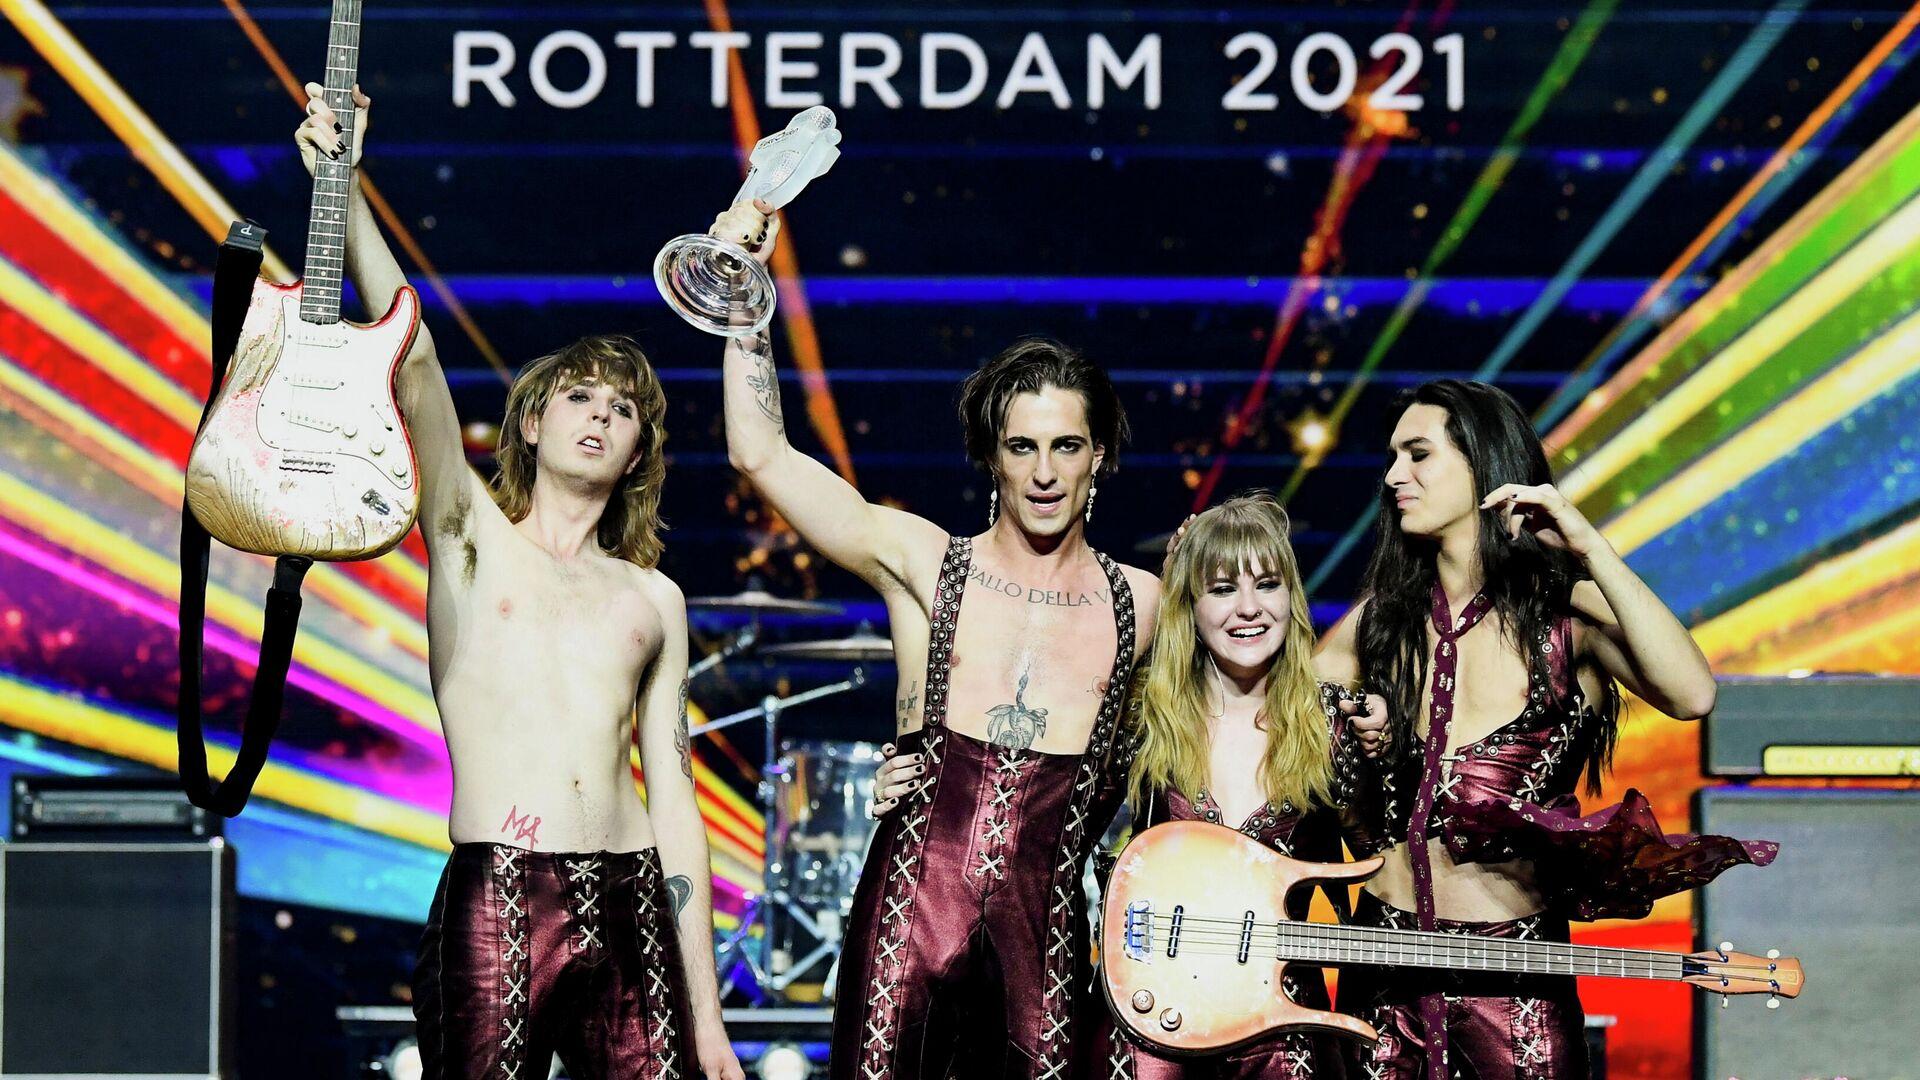 Måneskin-Band aus Italien beim 65. Eurovision Song Contest in Rotterdam, Niederlande, der 23. Mai 2021 - SNA, 1920, 24.05.2021